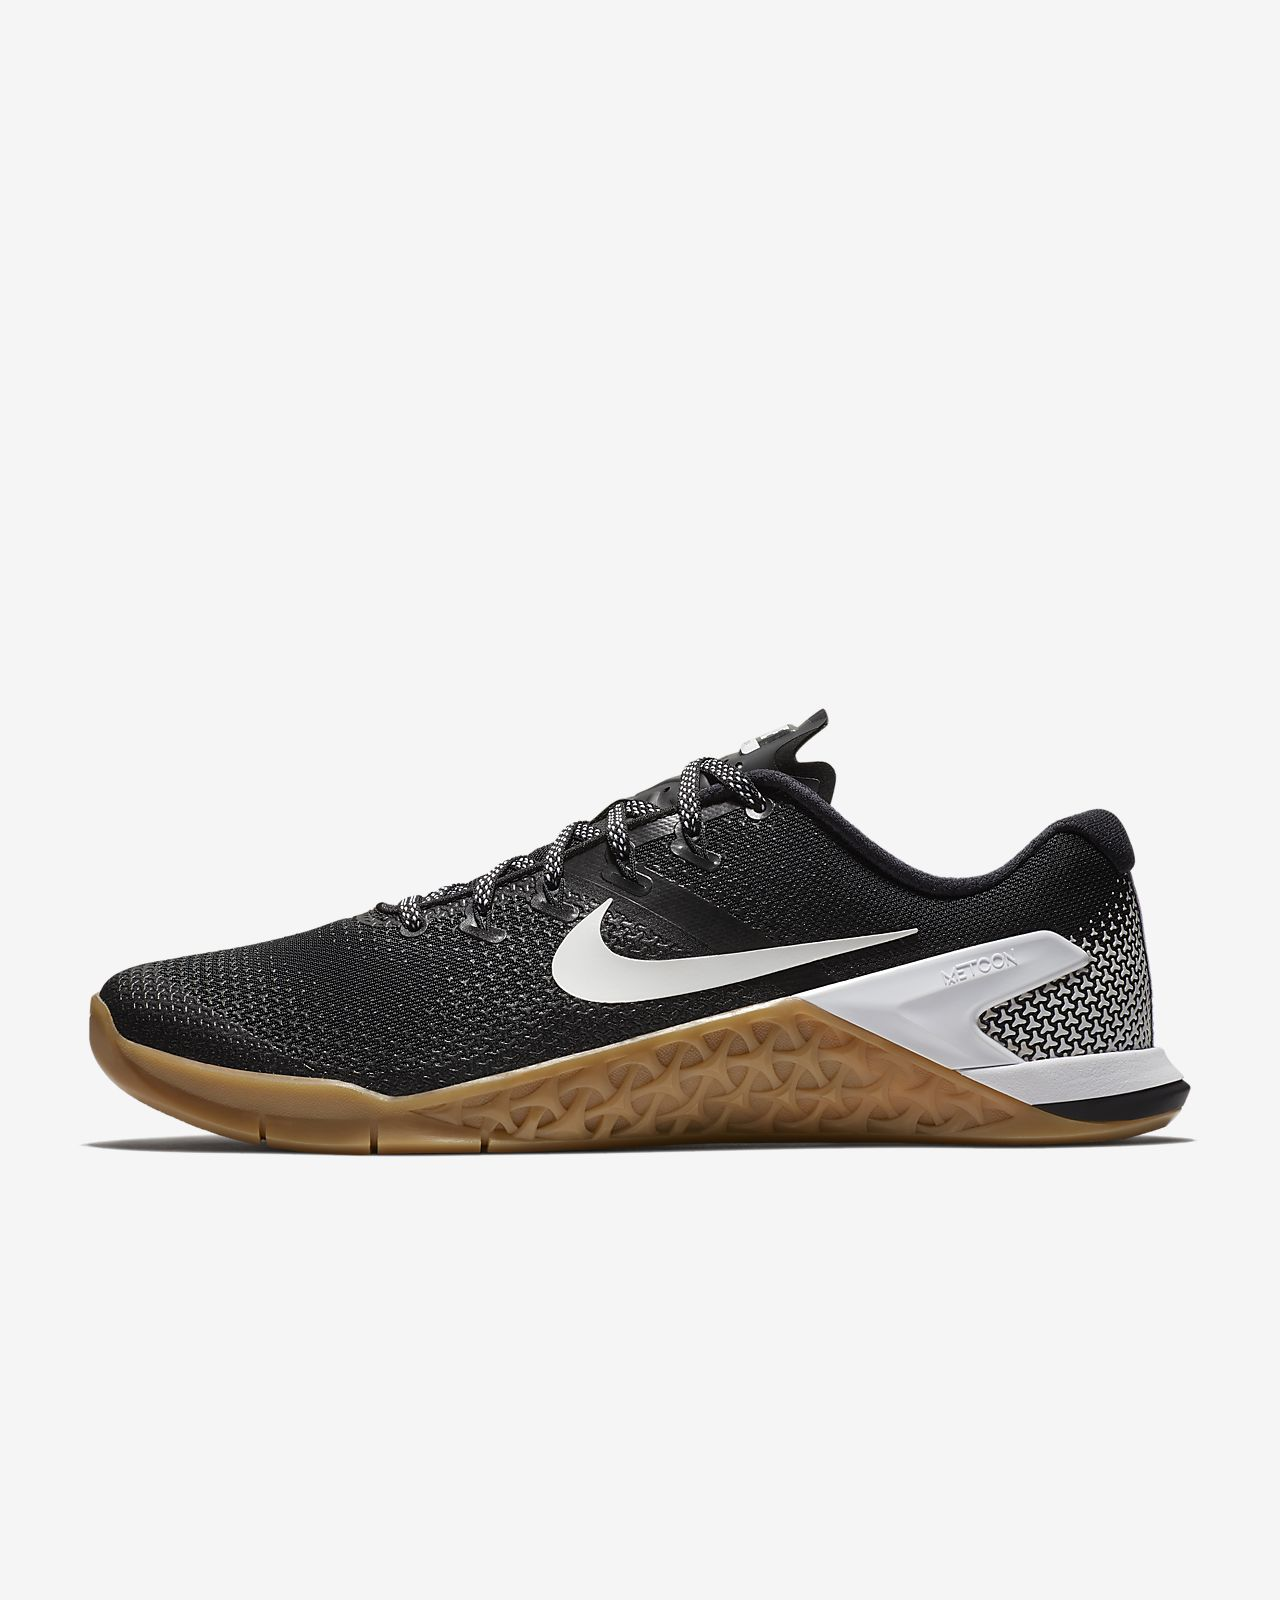 buy online 0ce43 5aedd ... Chaussure de cross-training et de renforcement musculaire Nike Metcon 4 pour  Homme